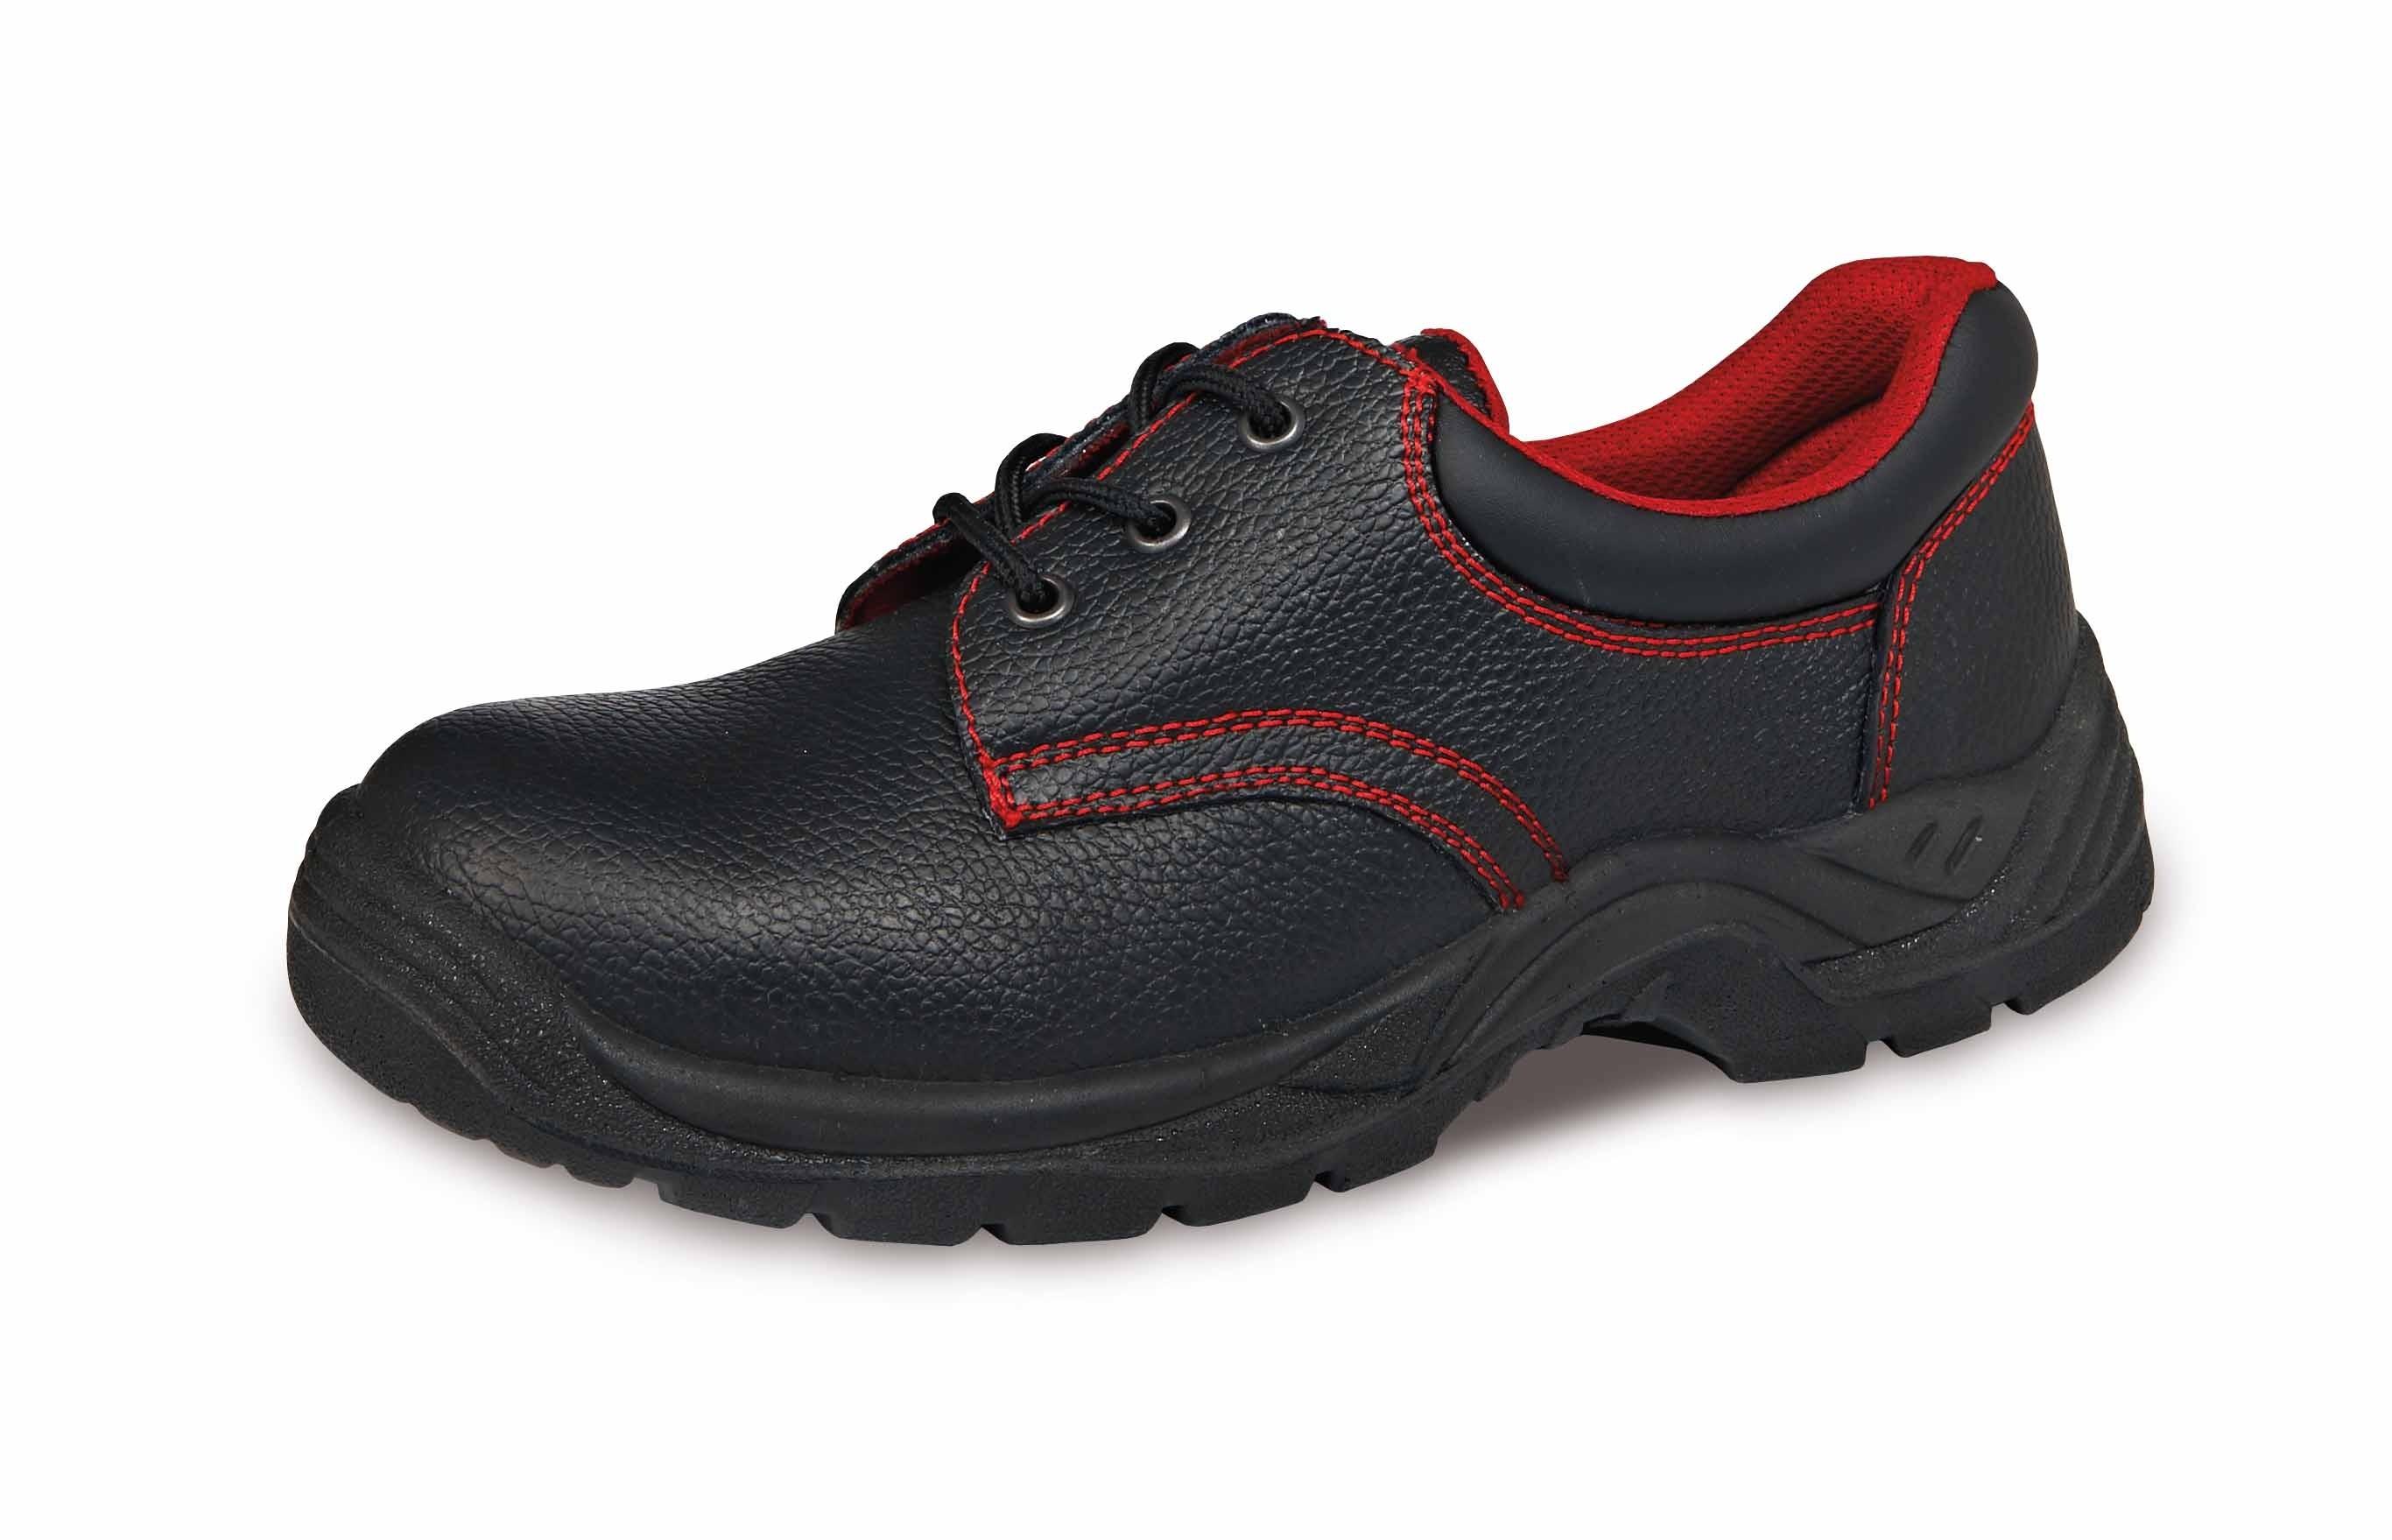 eedc82332e00 Pracovná obuv - ULM SC-02-001 poltopánka